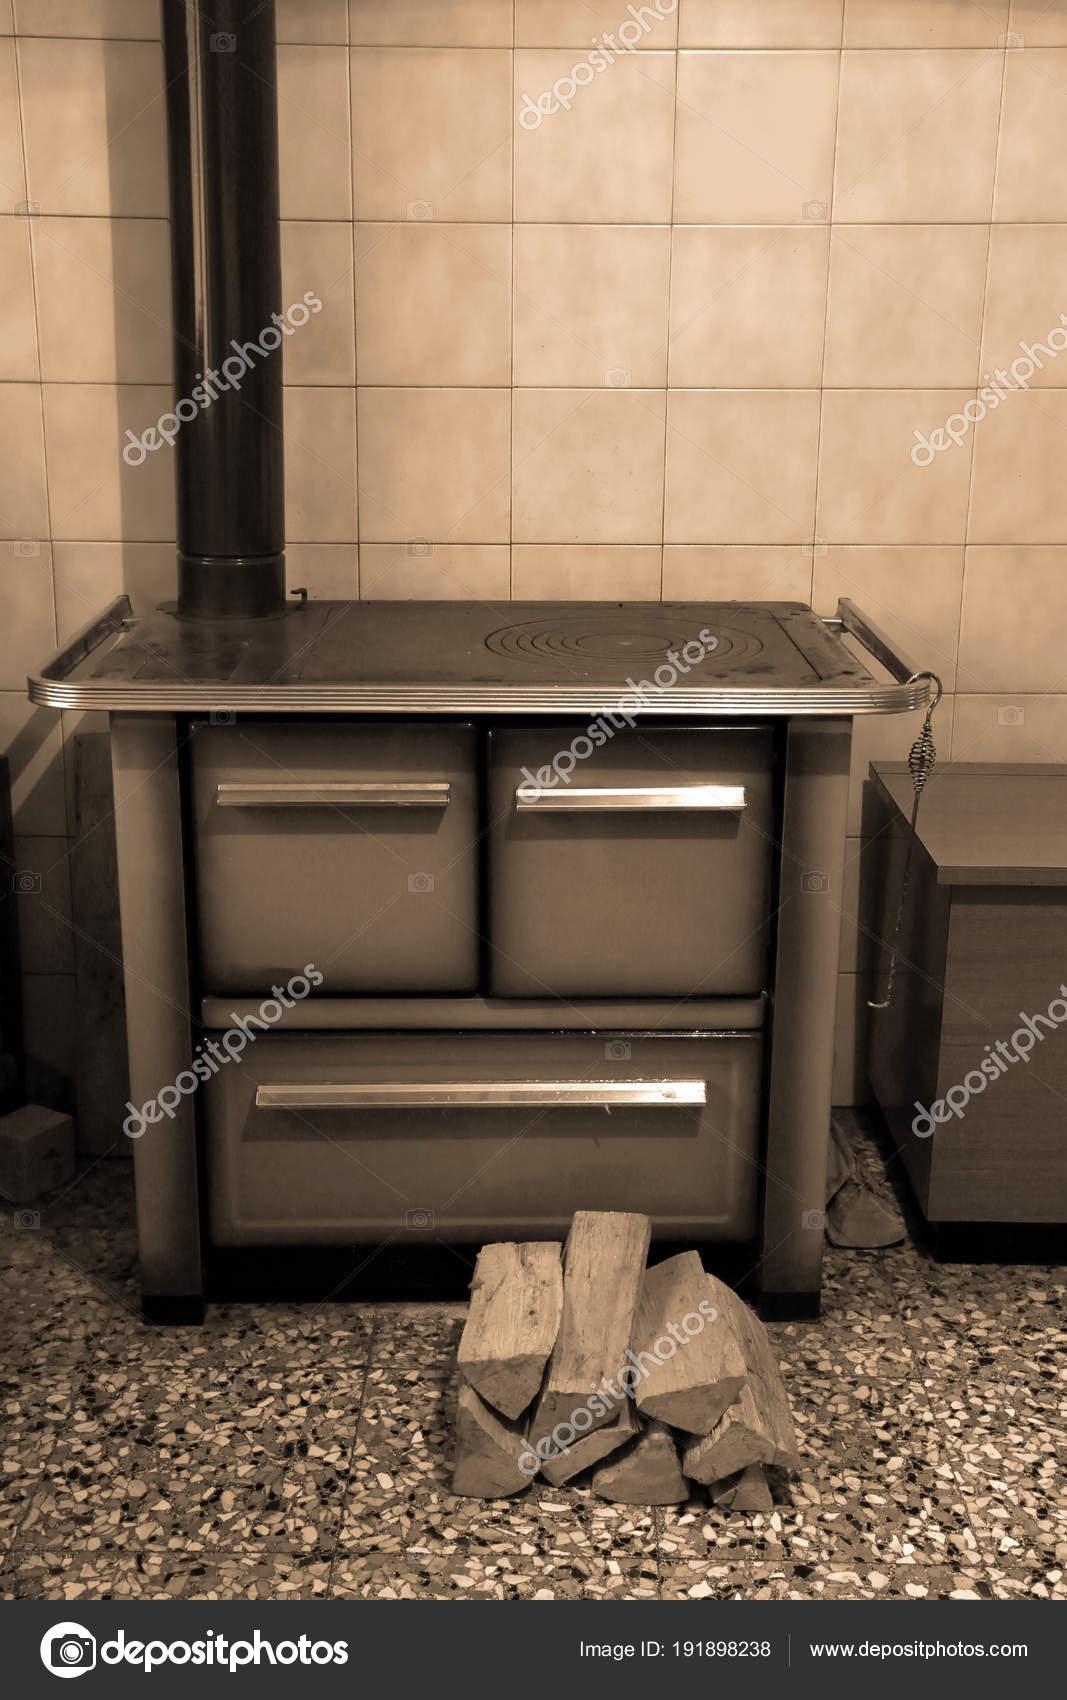 holzofen in der k che ein chalet und die protokolle mit stockfoto chiccododifc 191898238. Black Bedroom Furniture Sets. Home Design Ideas